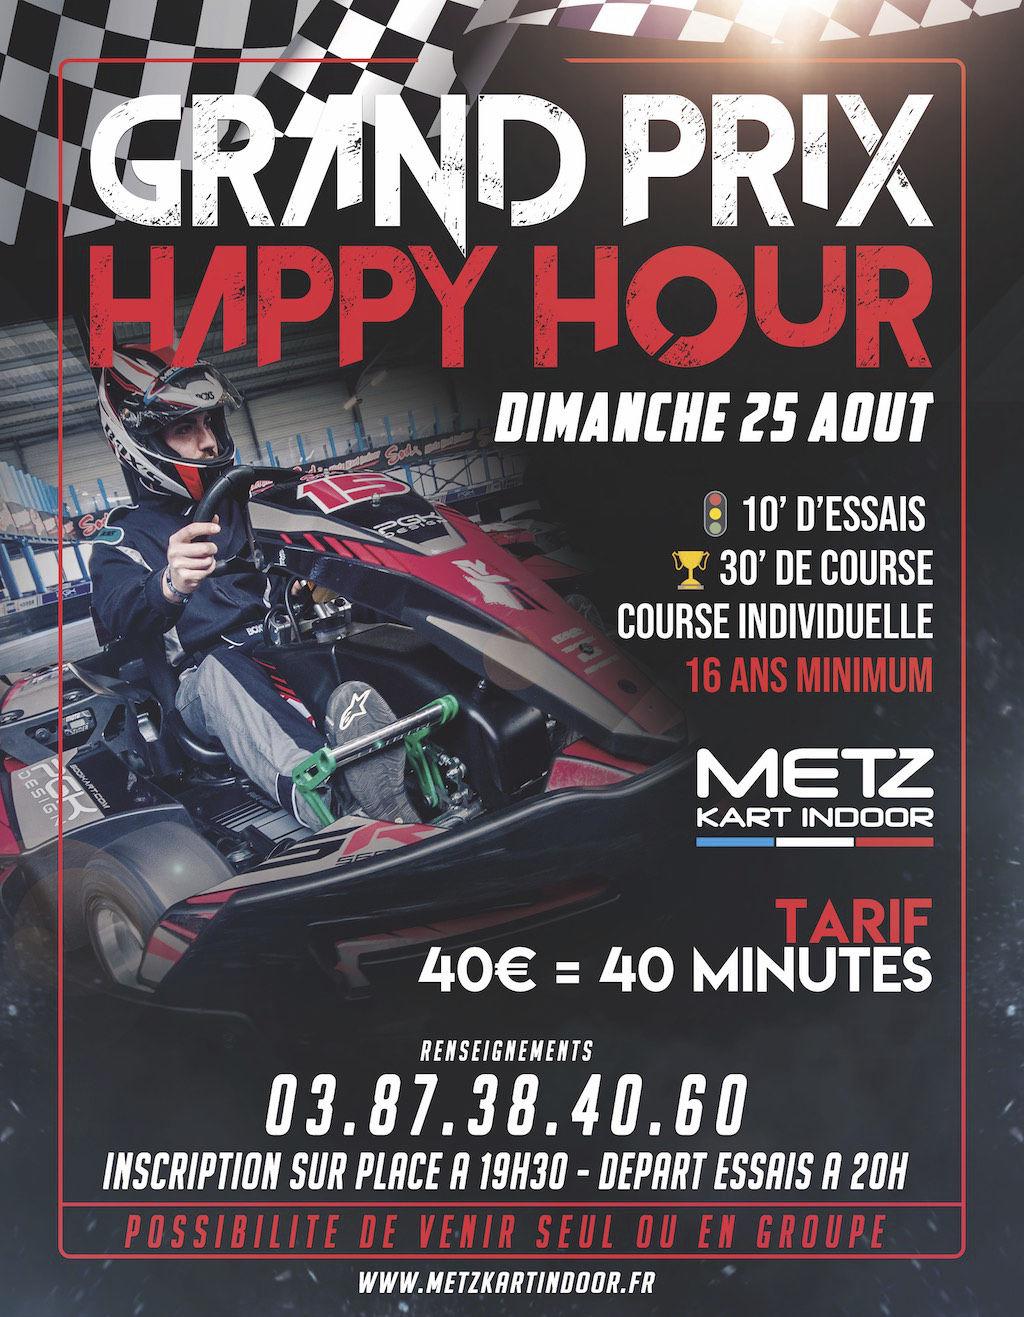 GP Happy Hour - Metz Kart Indoor